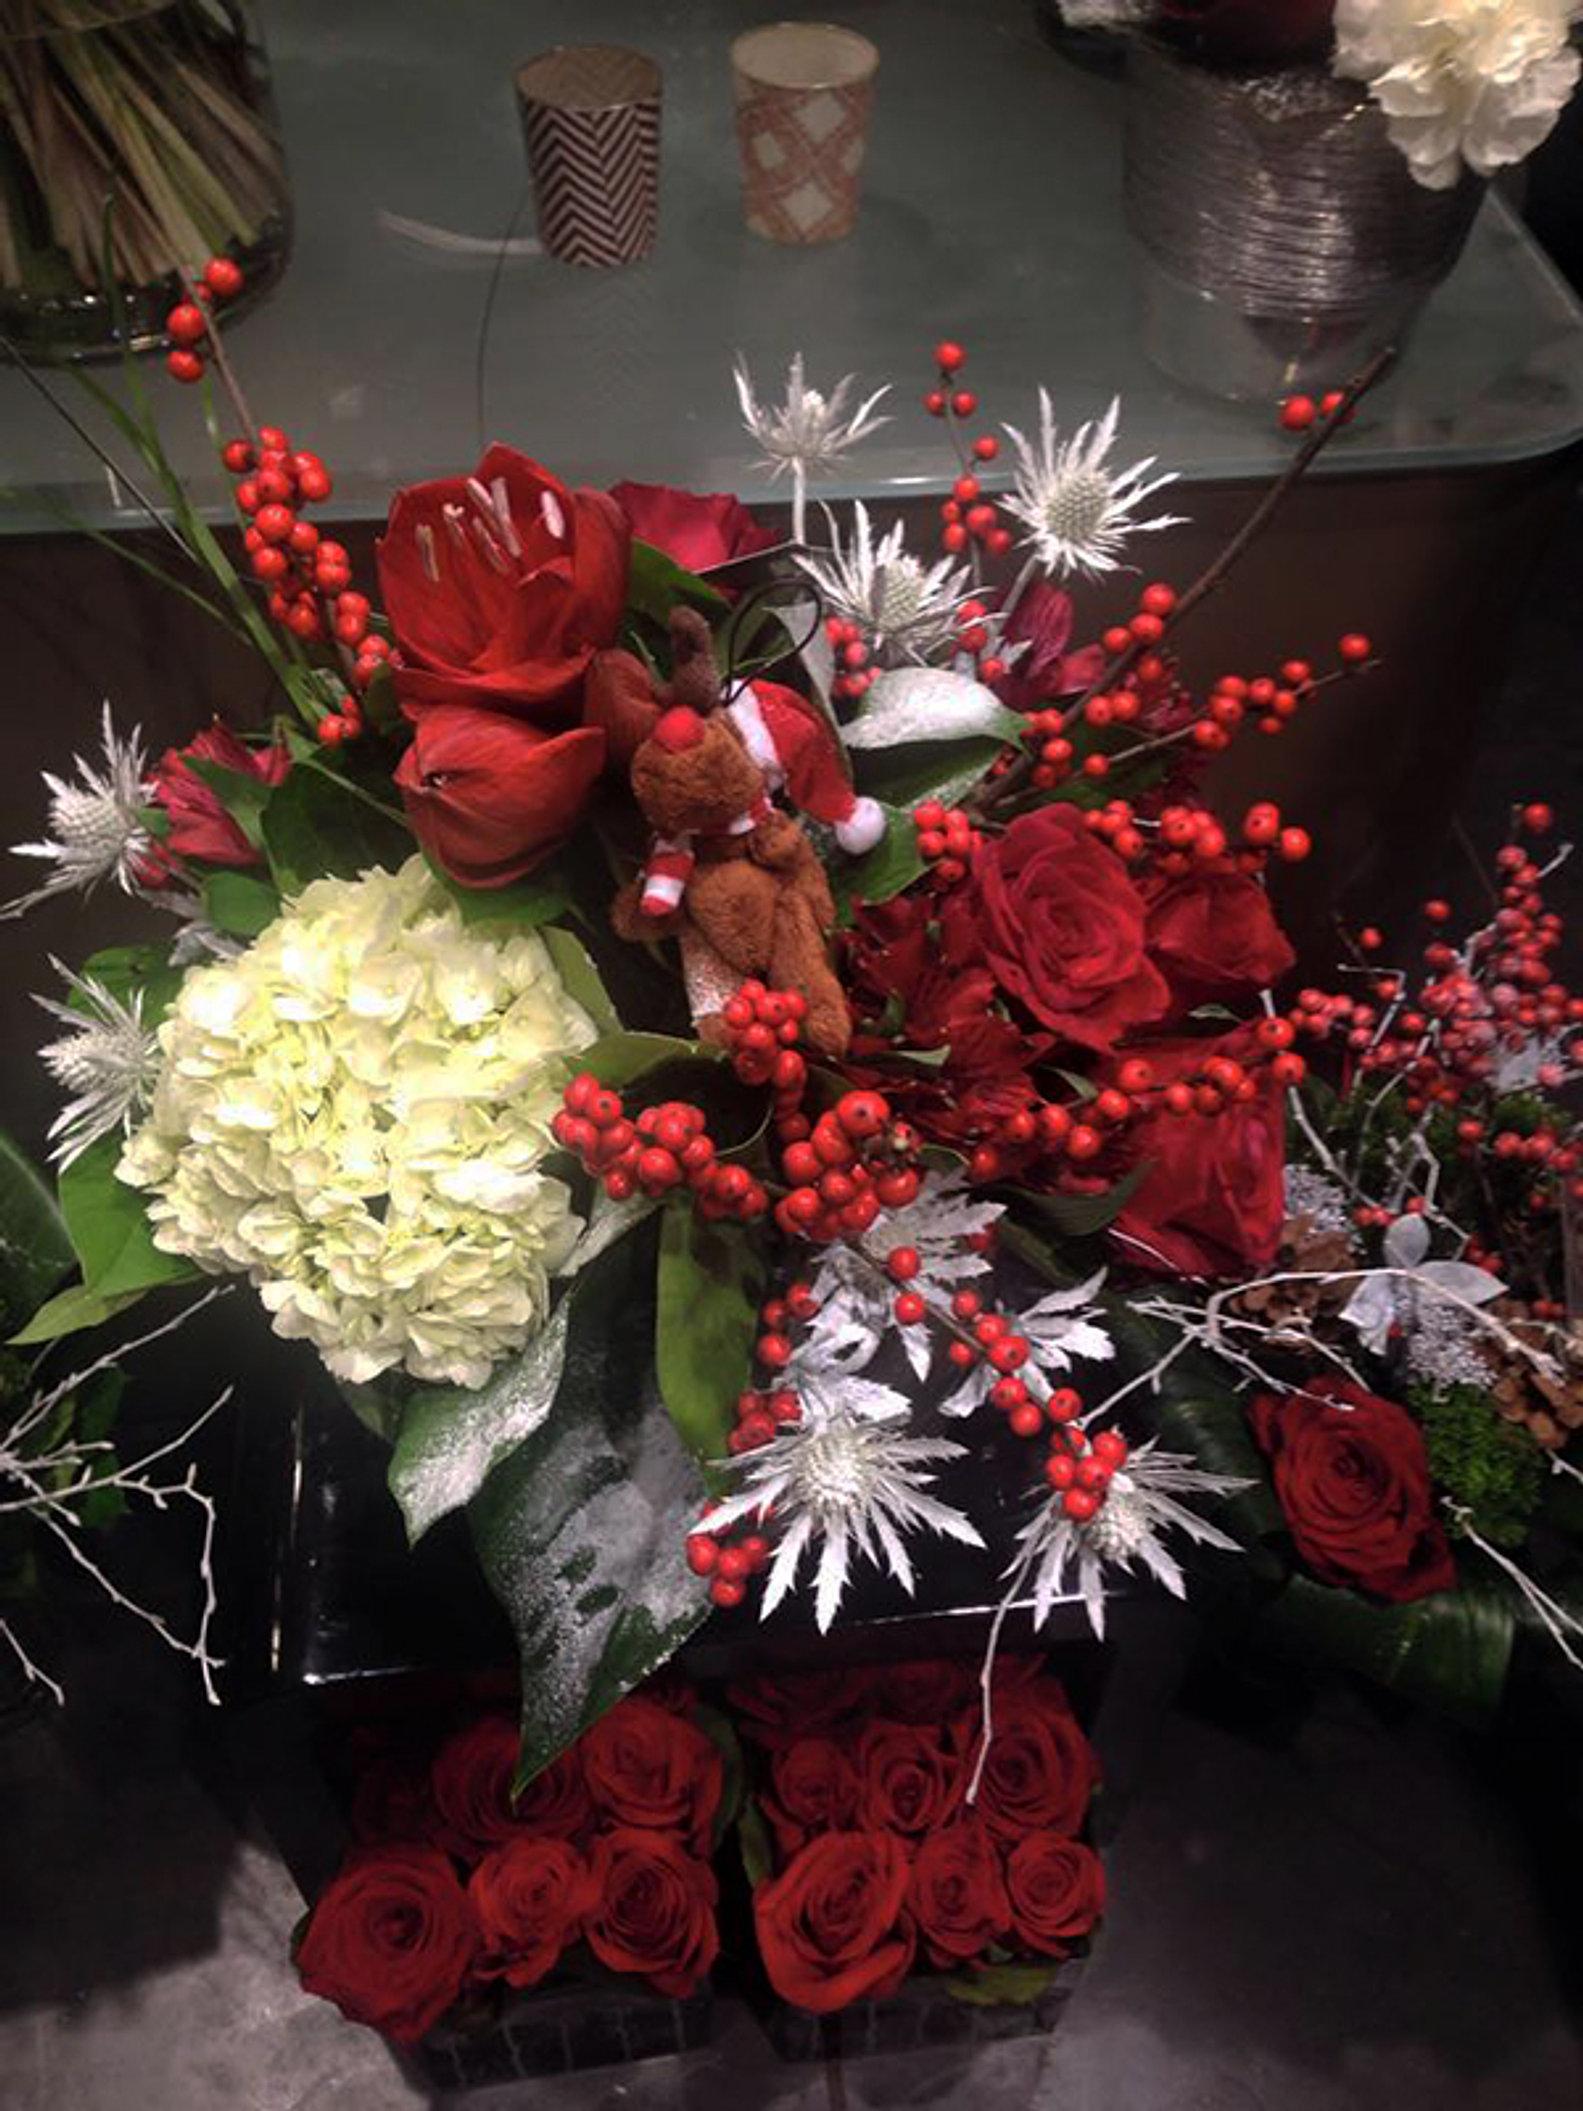 fleuriste decorateur fleurs plantes mariage deuil evenementiel. Black Bedroom Furniture Sets. Home Design Ideas